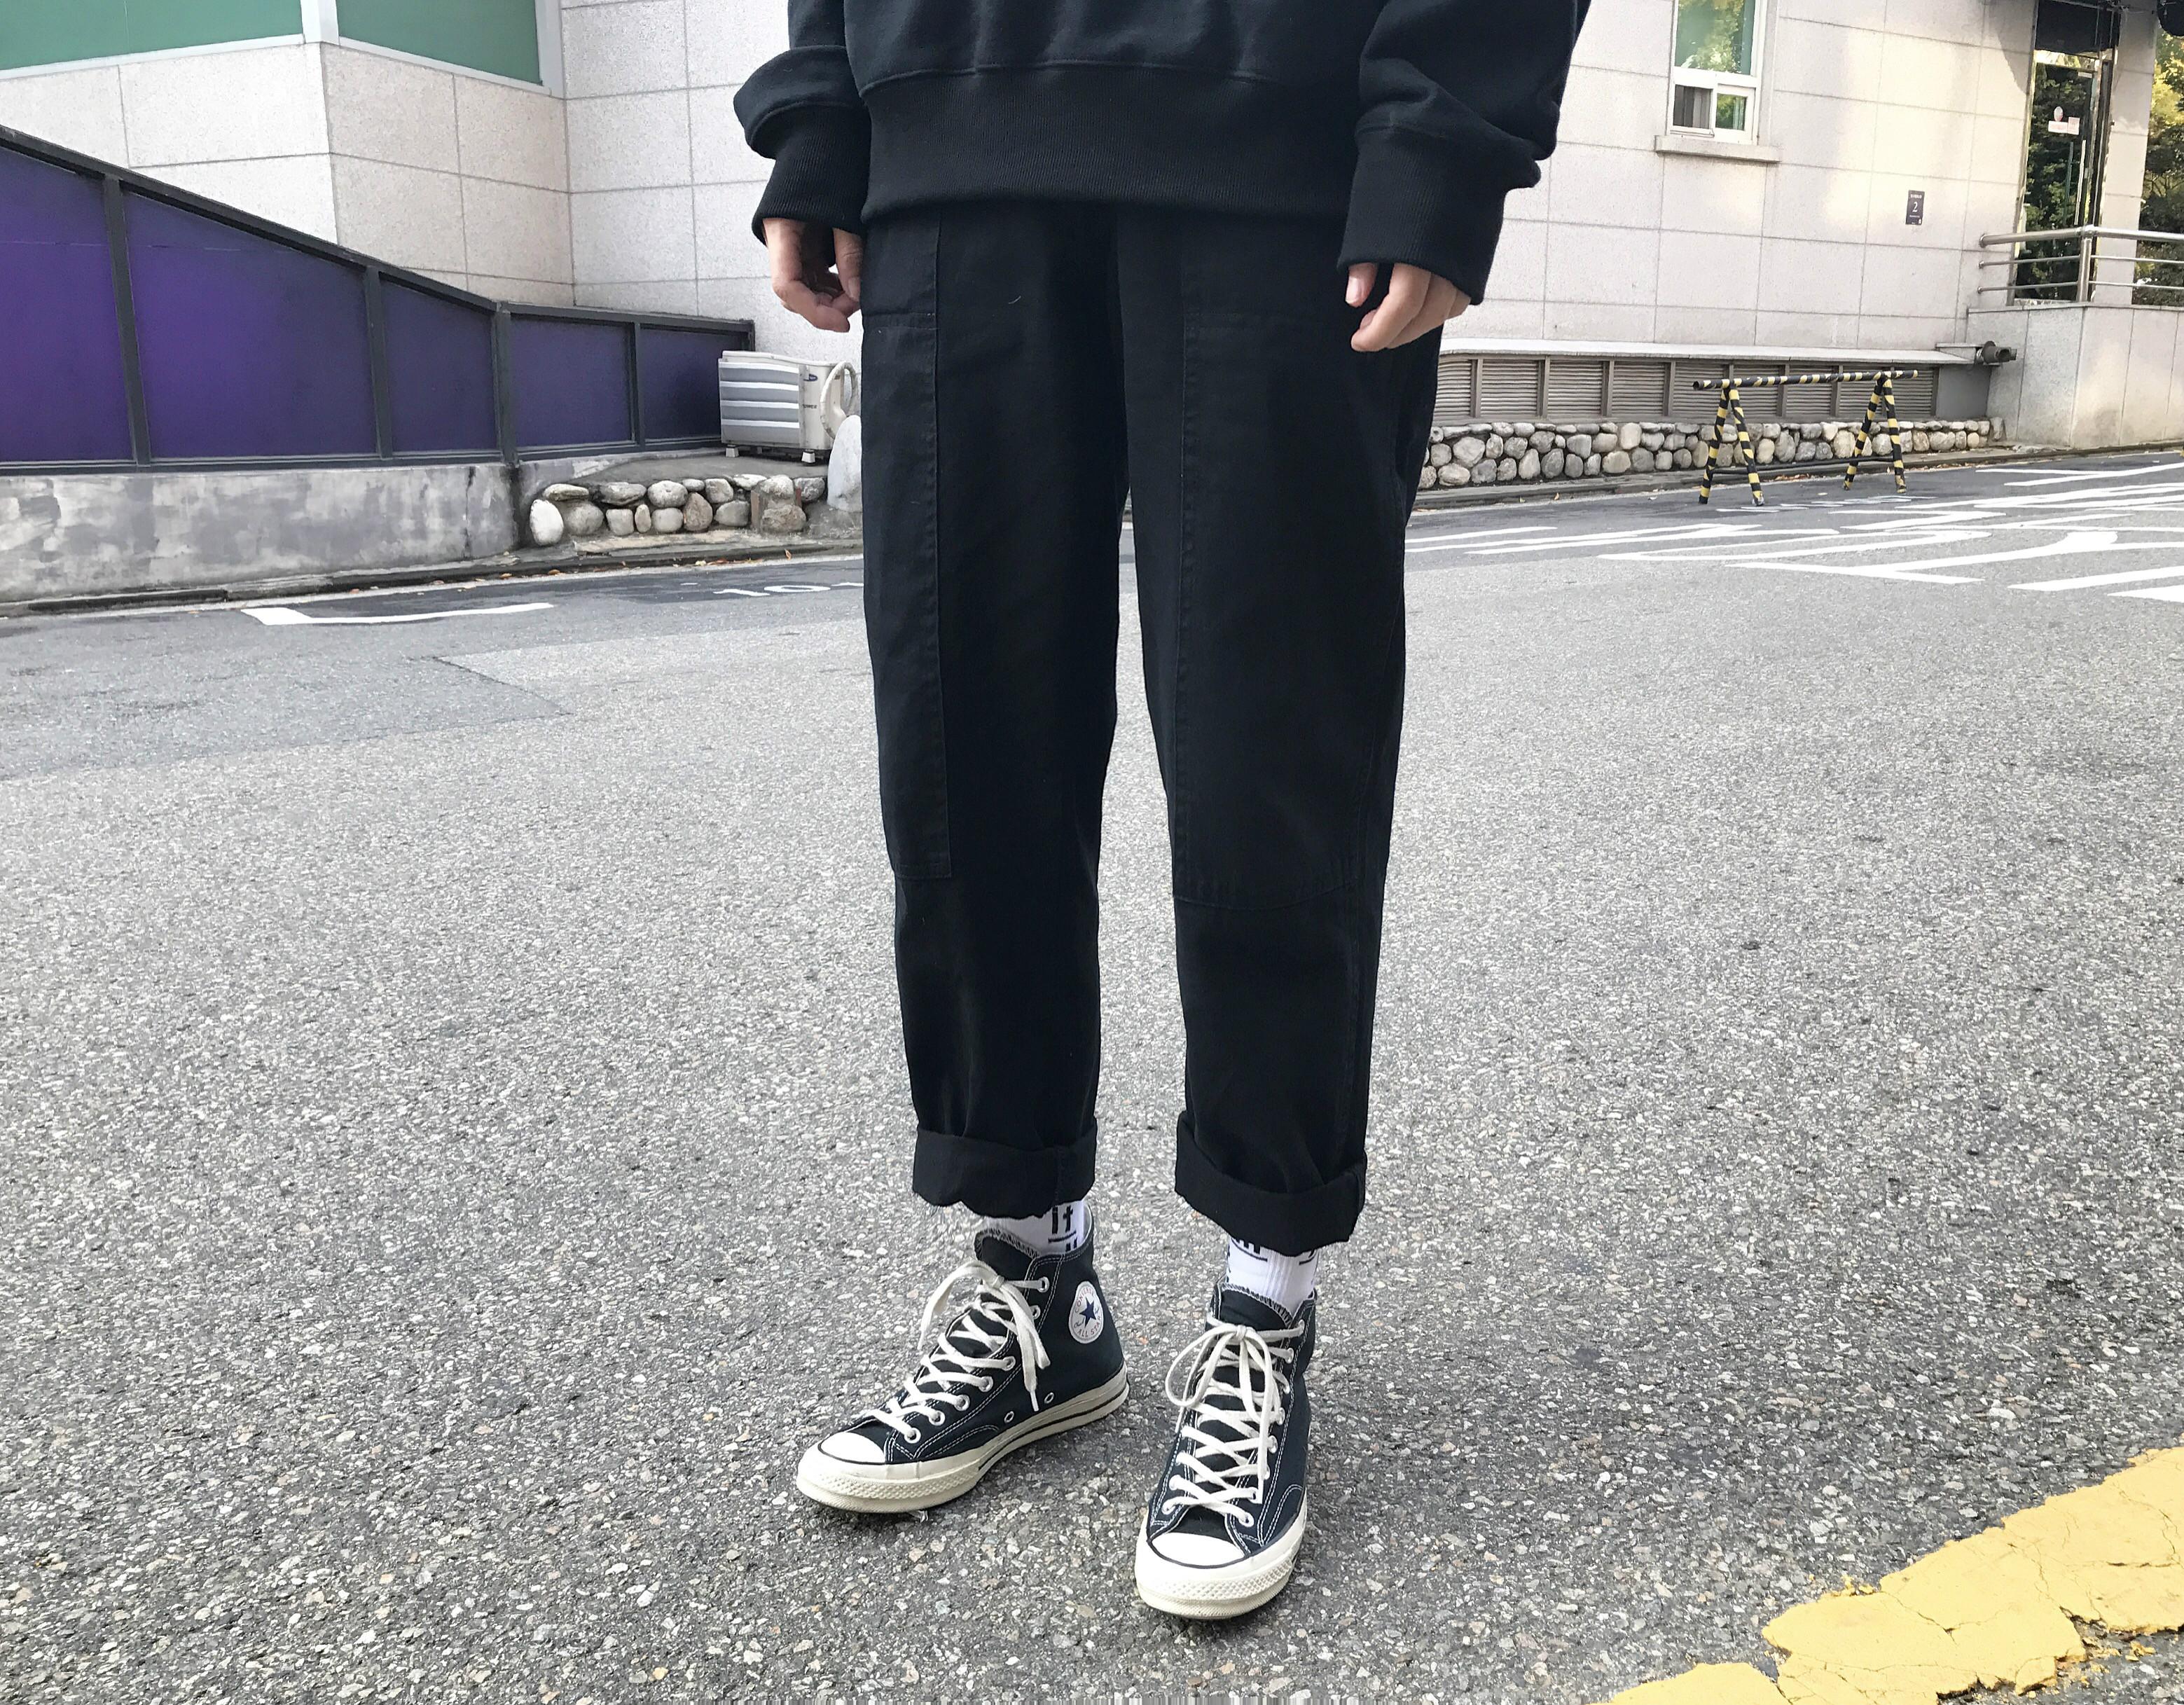 Ông fang inch 18 mùa xuân người đàn ông mới của quần Nhật Bản lỏng overalls rắn màu khâu quần âu người đàn ông thẳng quần